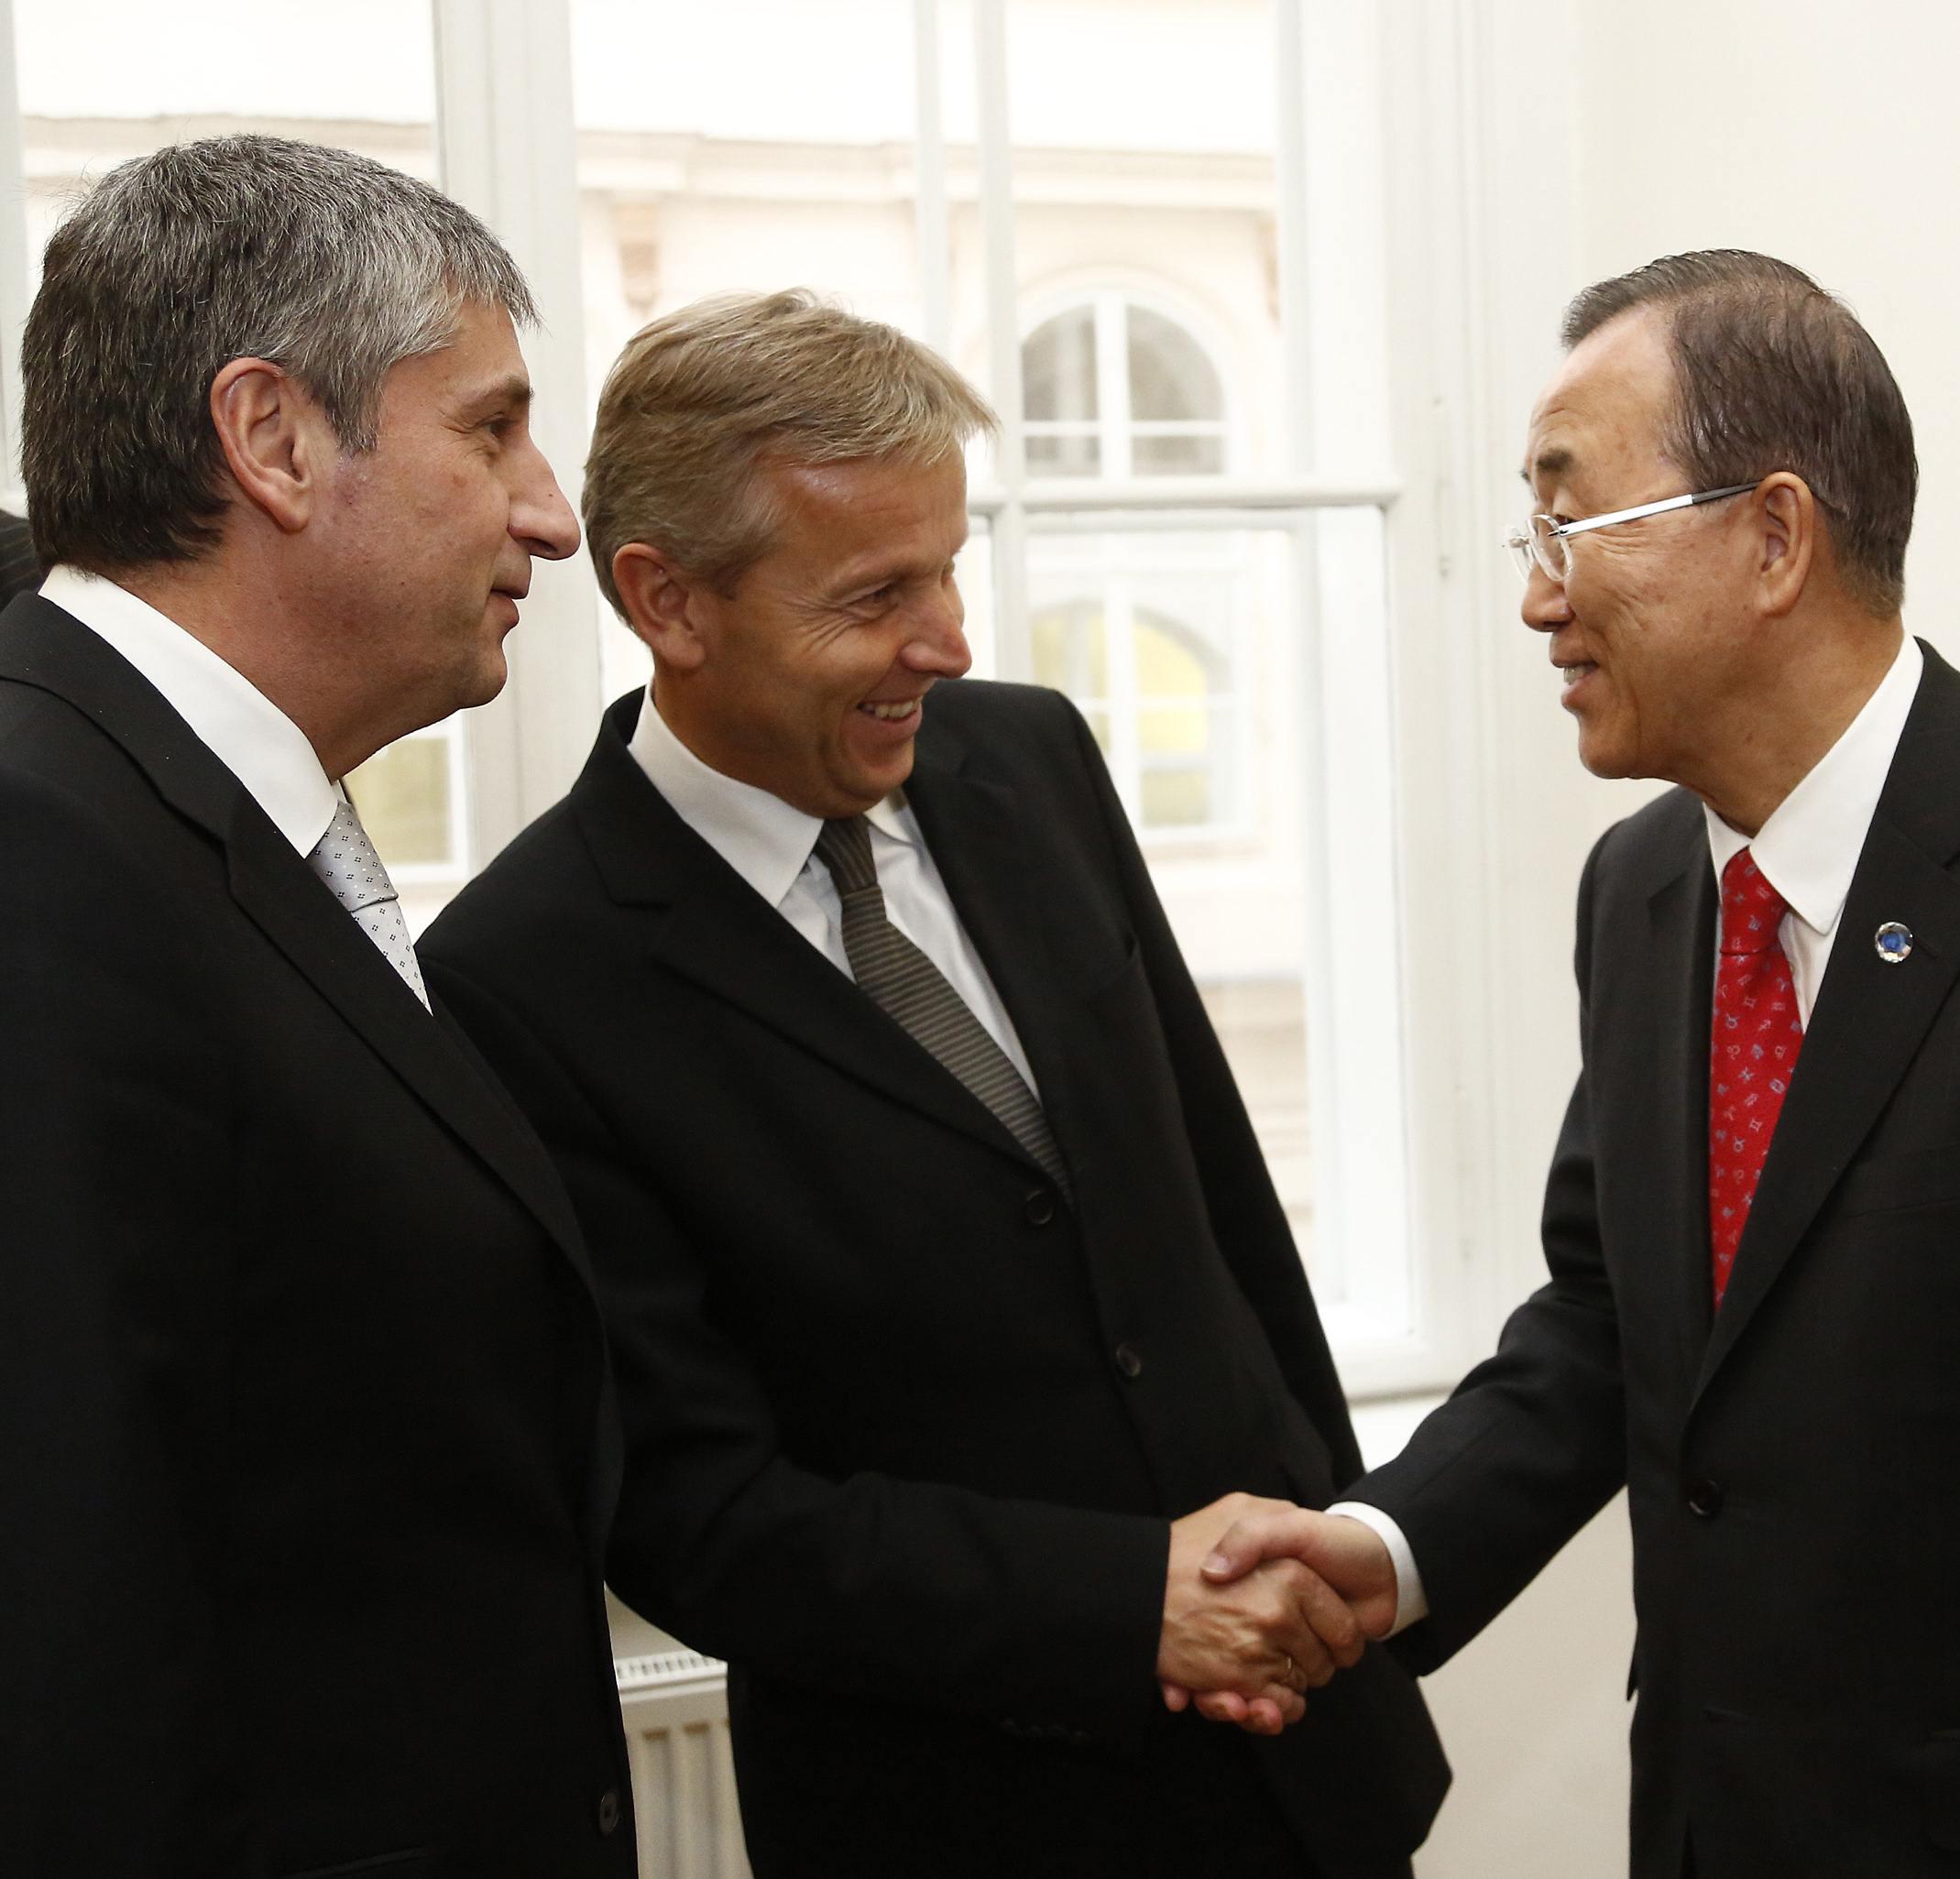 (c) BMEIA, UNO Generalsekretär Ban Ki-moon, Außenminister Spindelegger und STS Reinhold Lopatka